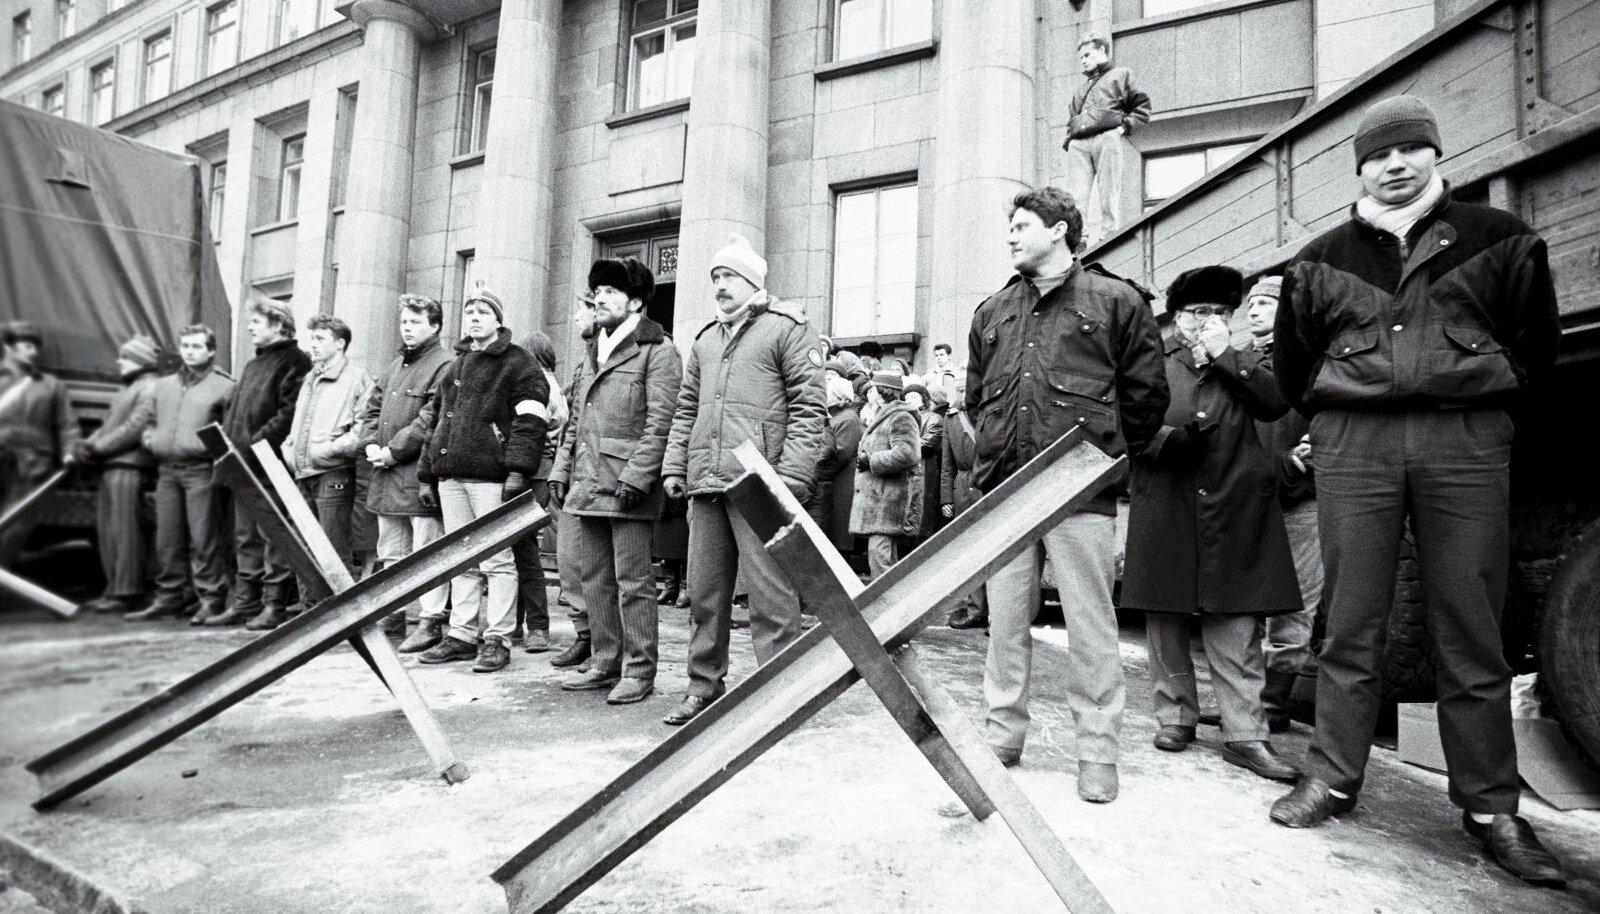 Kõige verisem episood toimus 20. jaanuaril 1991, kui eriüksuslaste rünnakus hukkusid kaks siseministeeriumi kaitsnud militsionääri, kaks ajakirjanikku ja 17-aastane koolipoiss.